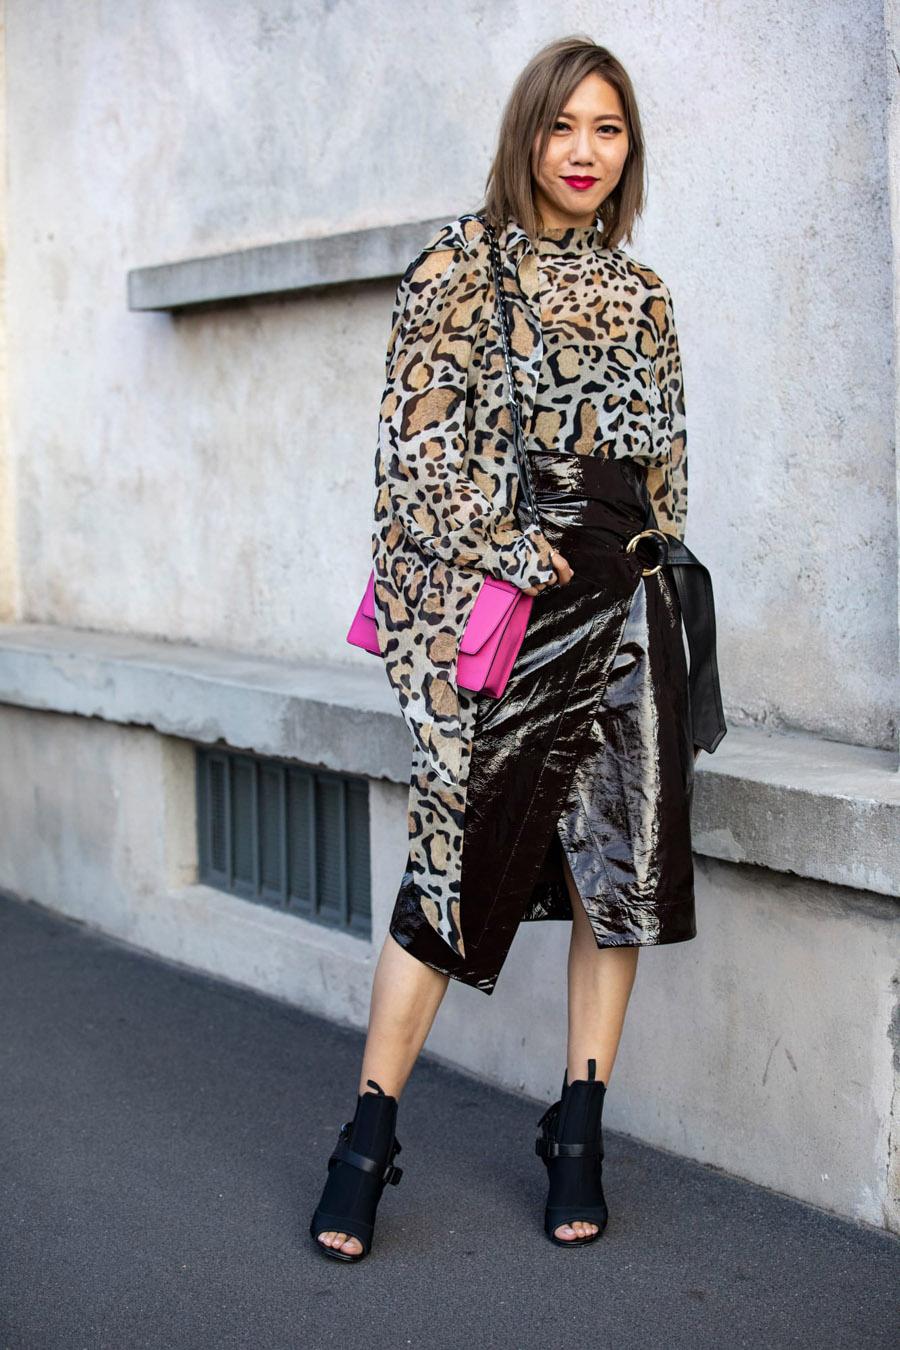 milan-fashion-week-spring-2019-street-style-day-2-21